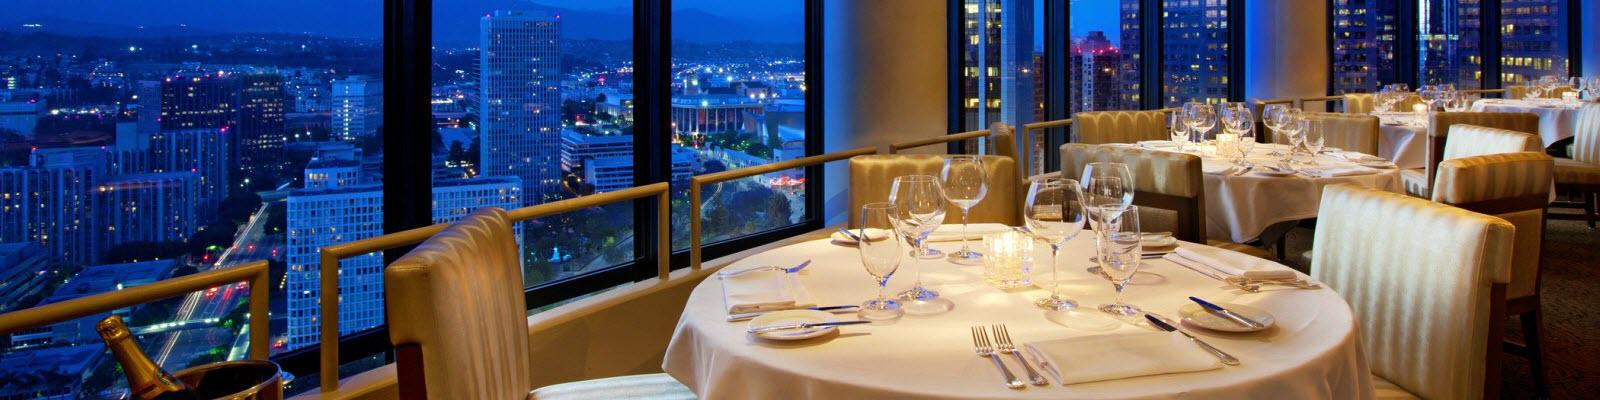 Fine dining restaurant setting